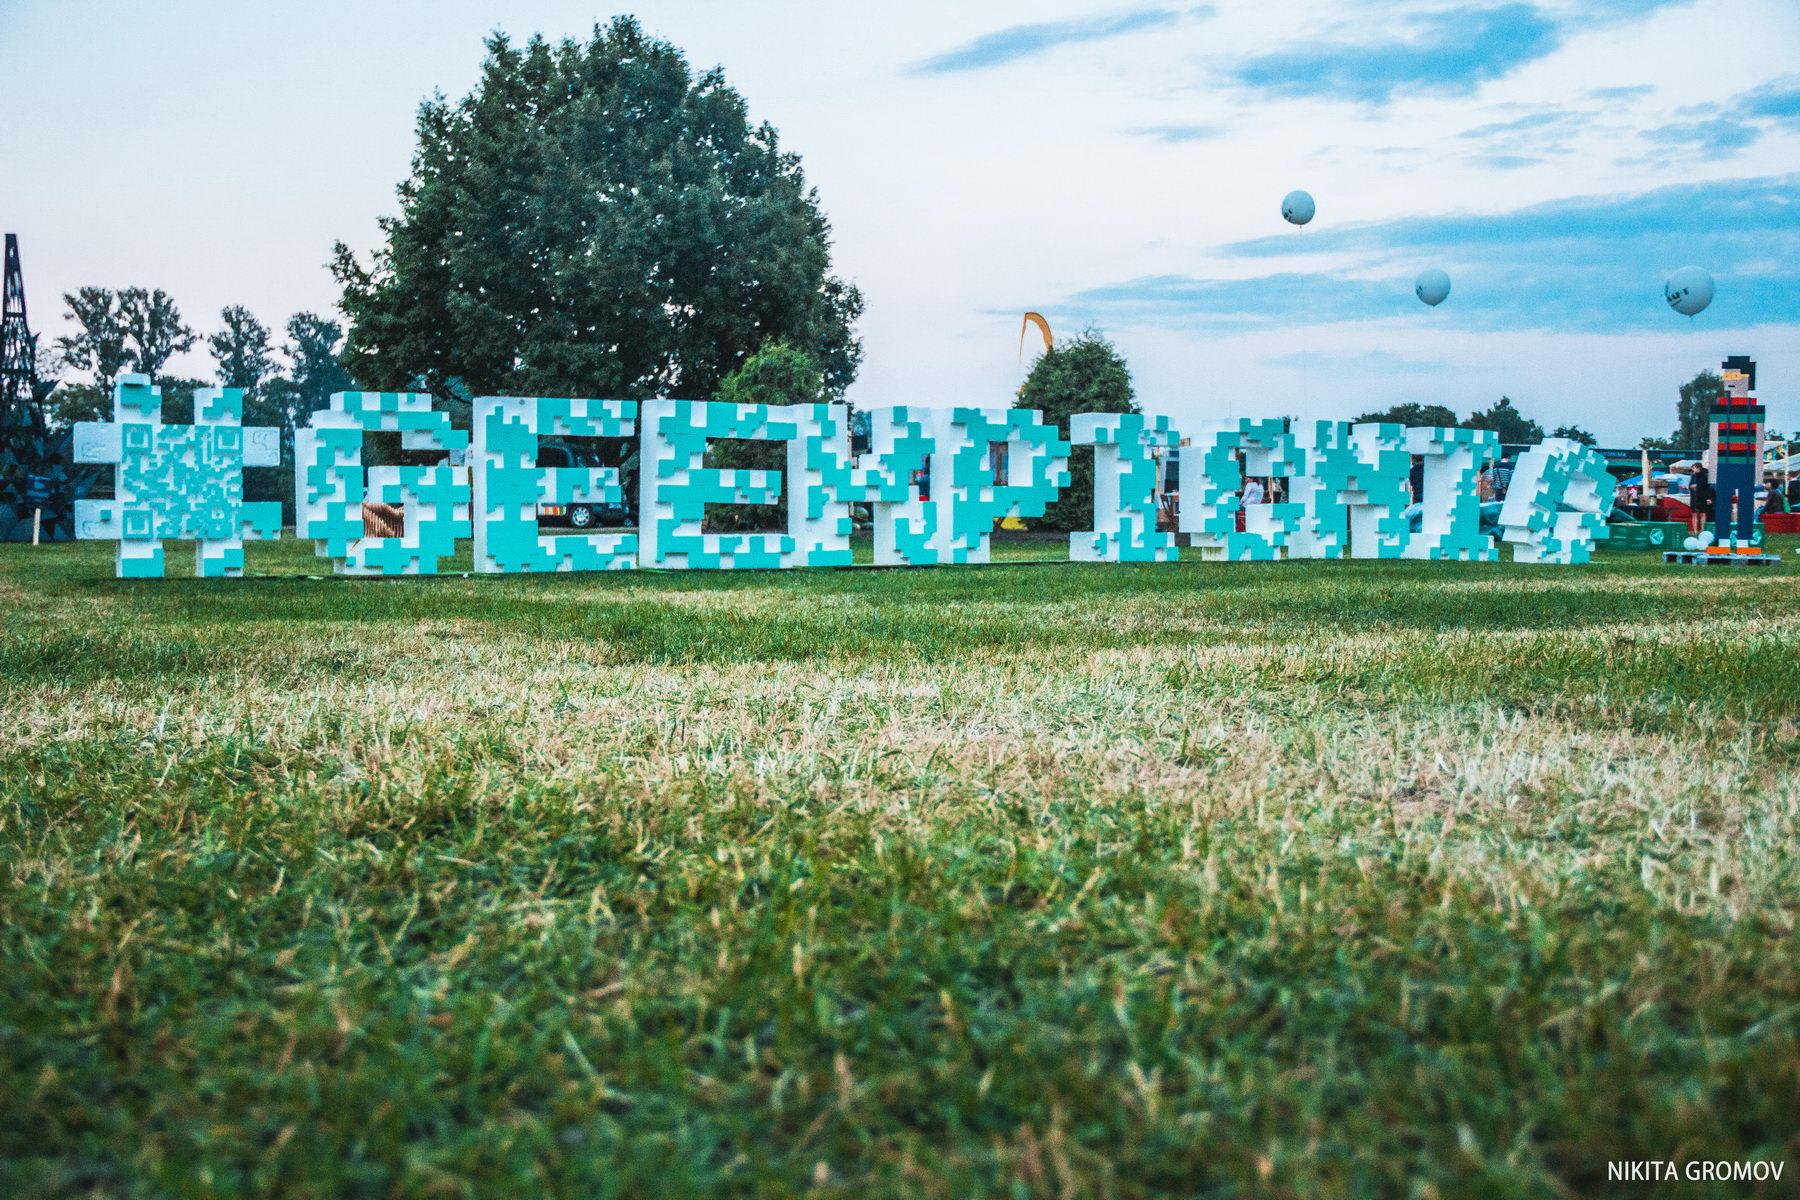 Чемпионат по ретроиграм на оригинальных консолях пройдет на фестивале Geek Picnic